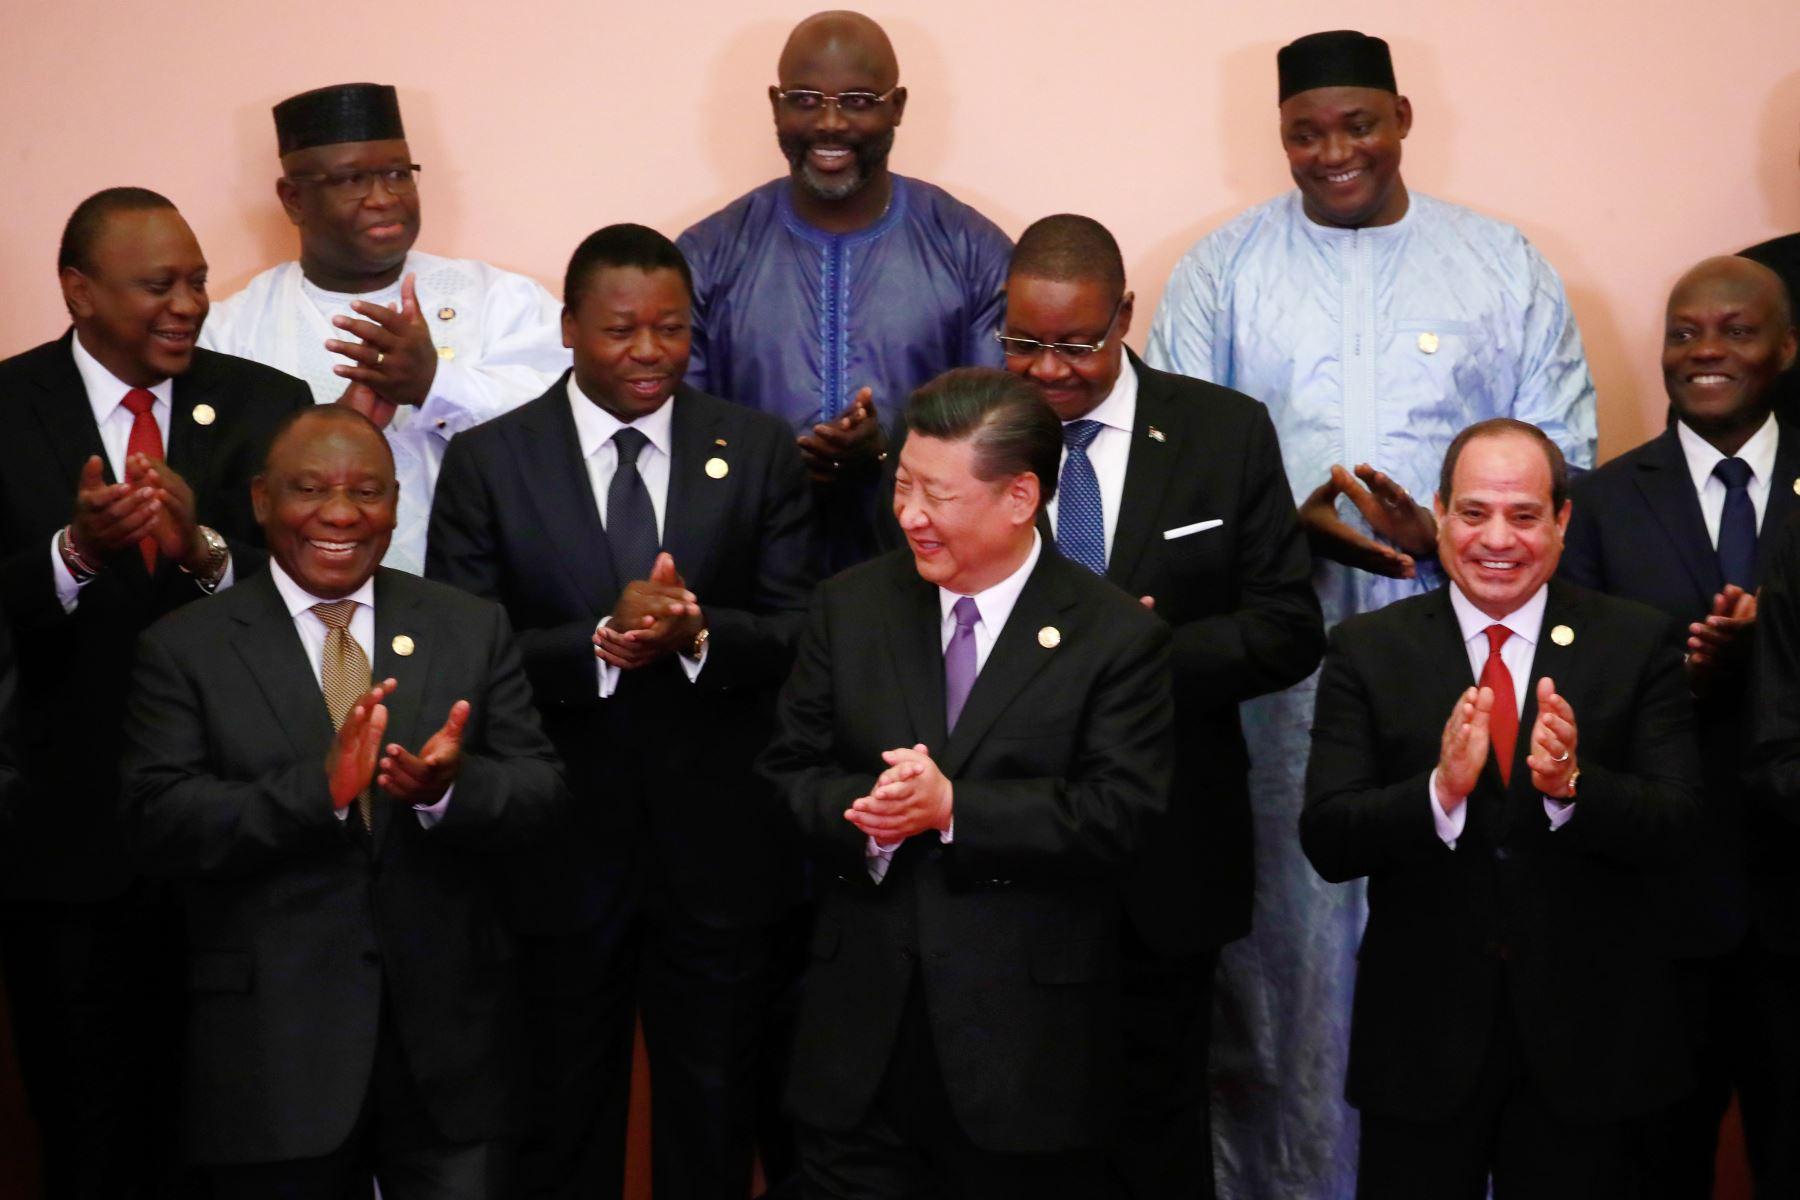 Presidente de China Xi Jinping rodeado de los presidentes africanos en el Foro de Cooperación China-Africa en Beijing Foto: AFP